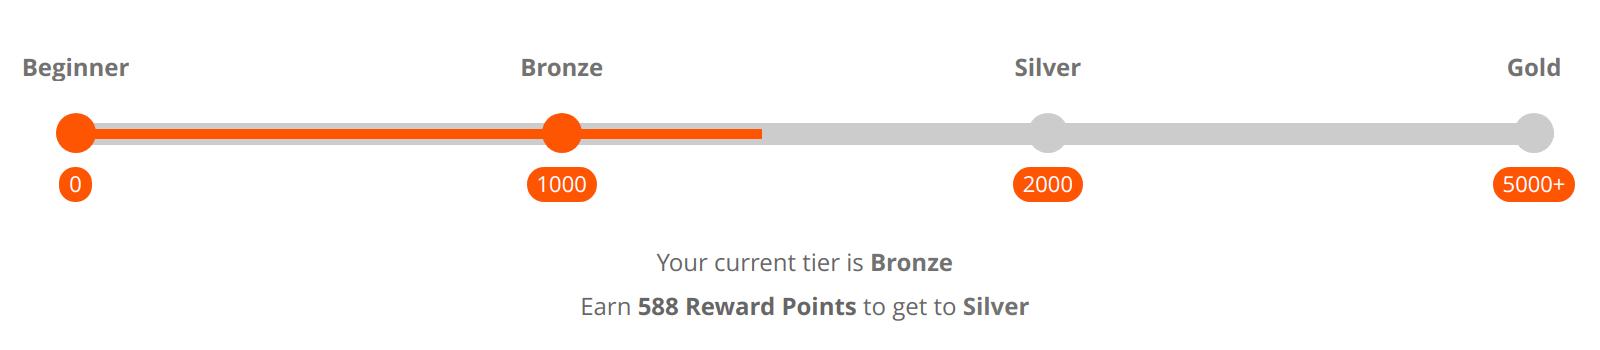 Tiers in Mirasvit Magento 2 Rewards Points system.